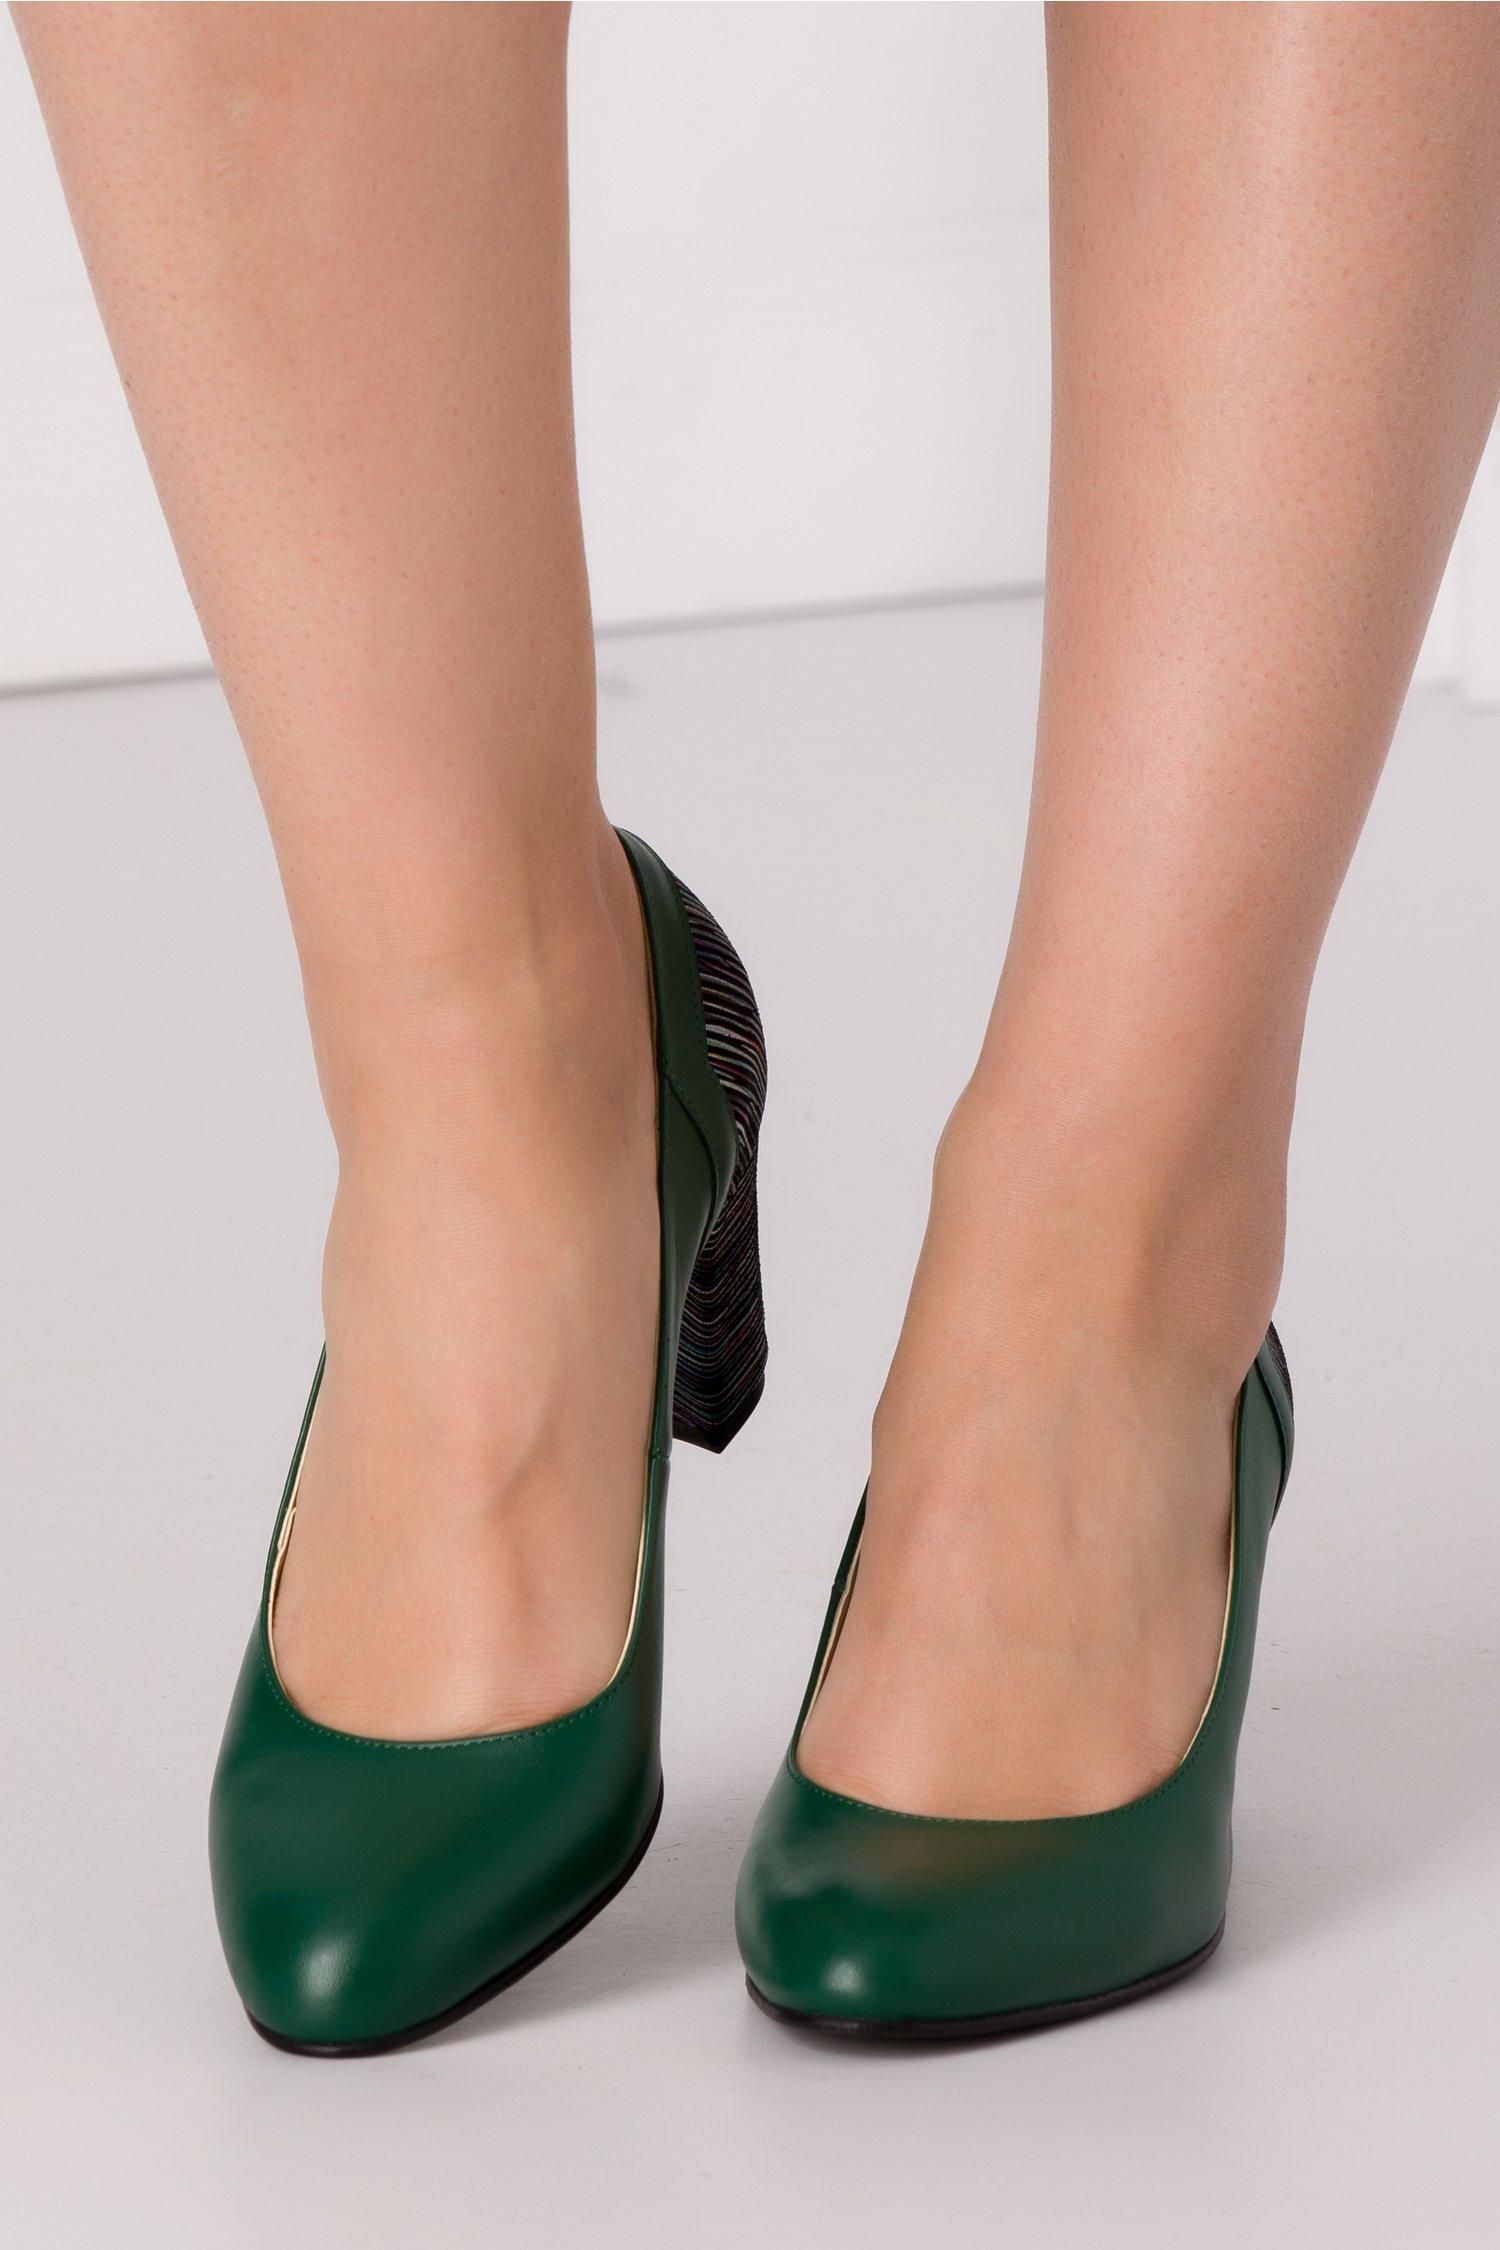 Pantofi verzi cu imprimeu multicolor in spate